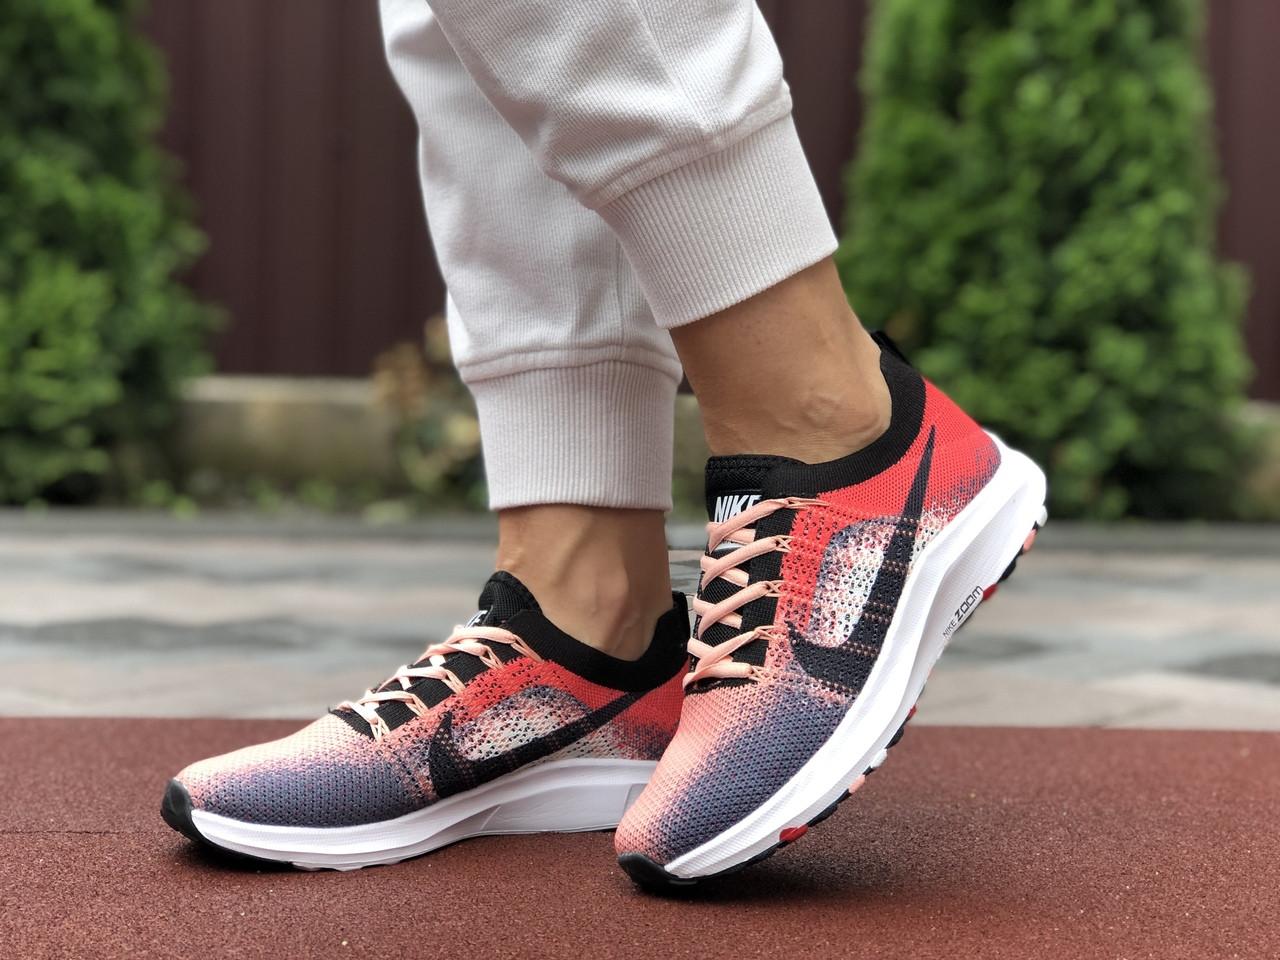 Жіночі кросівки Nike Zoom (червоно-рожеві) 9590